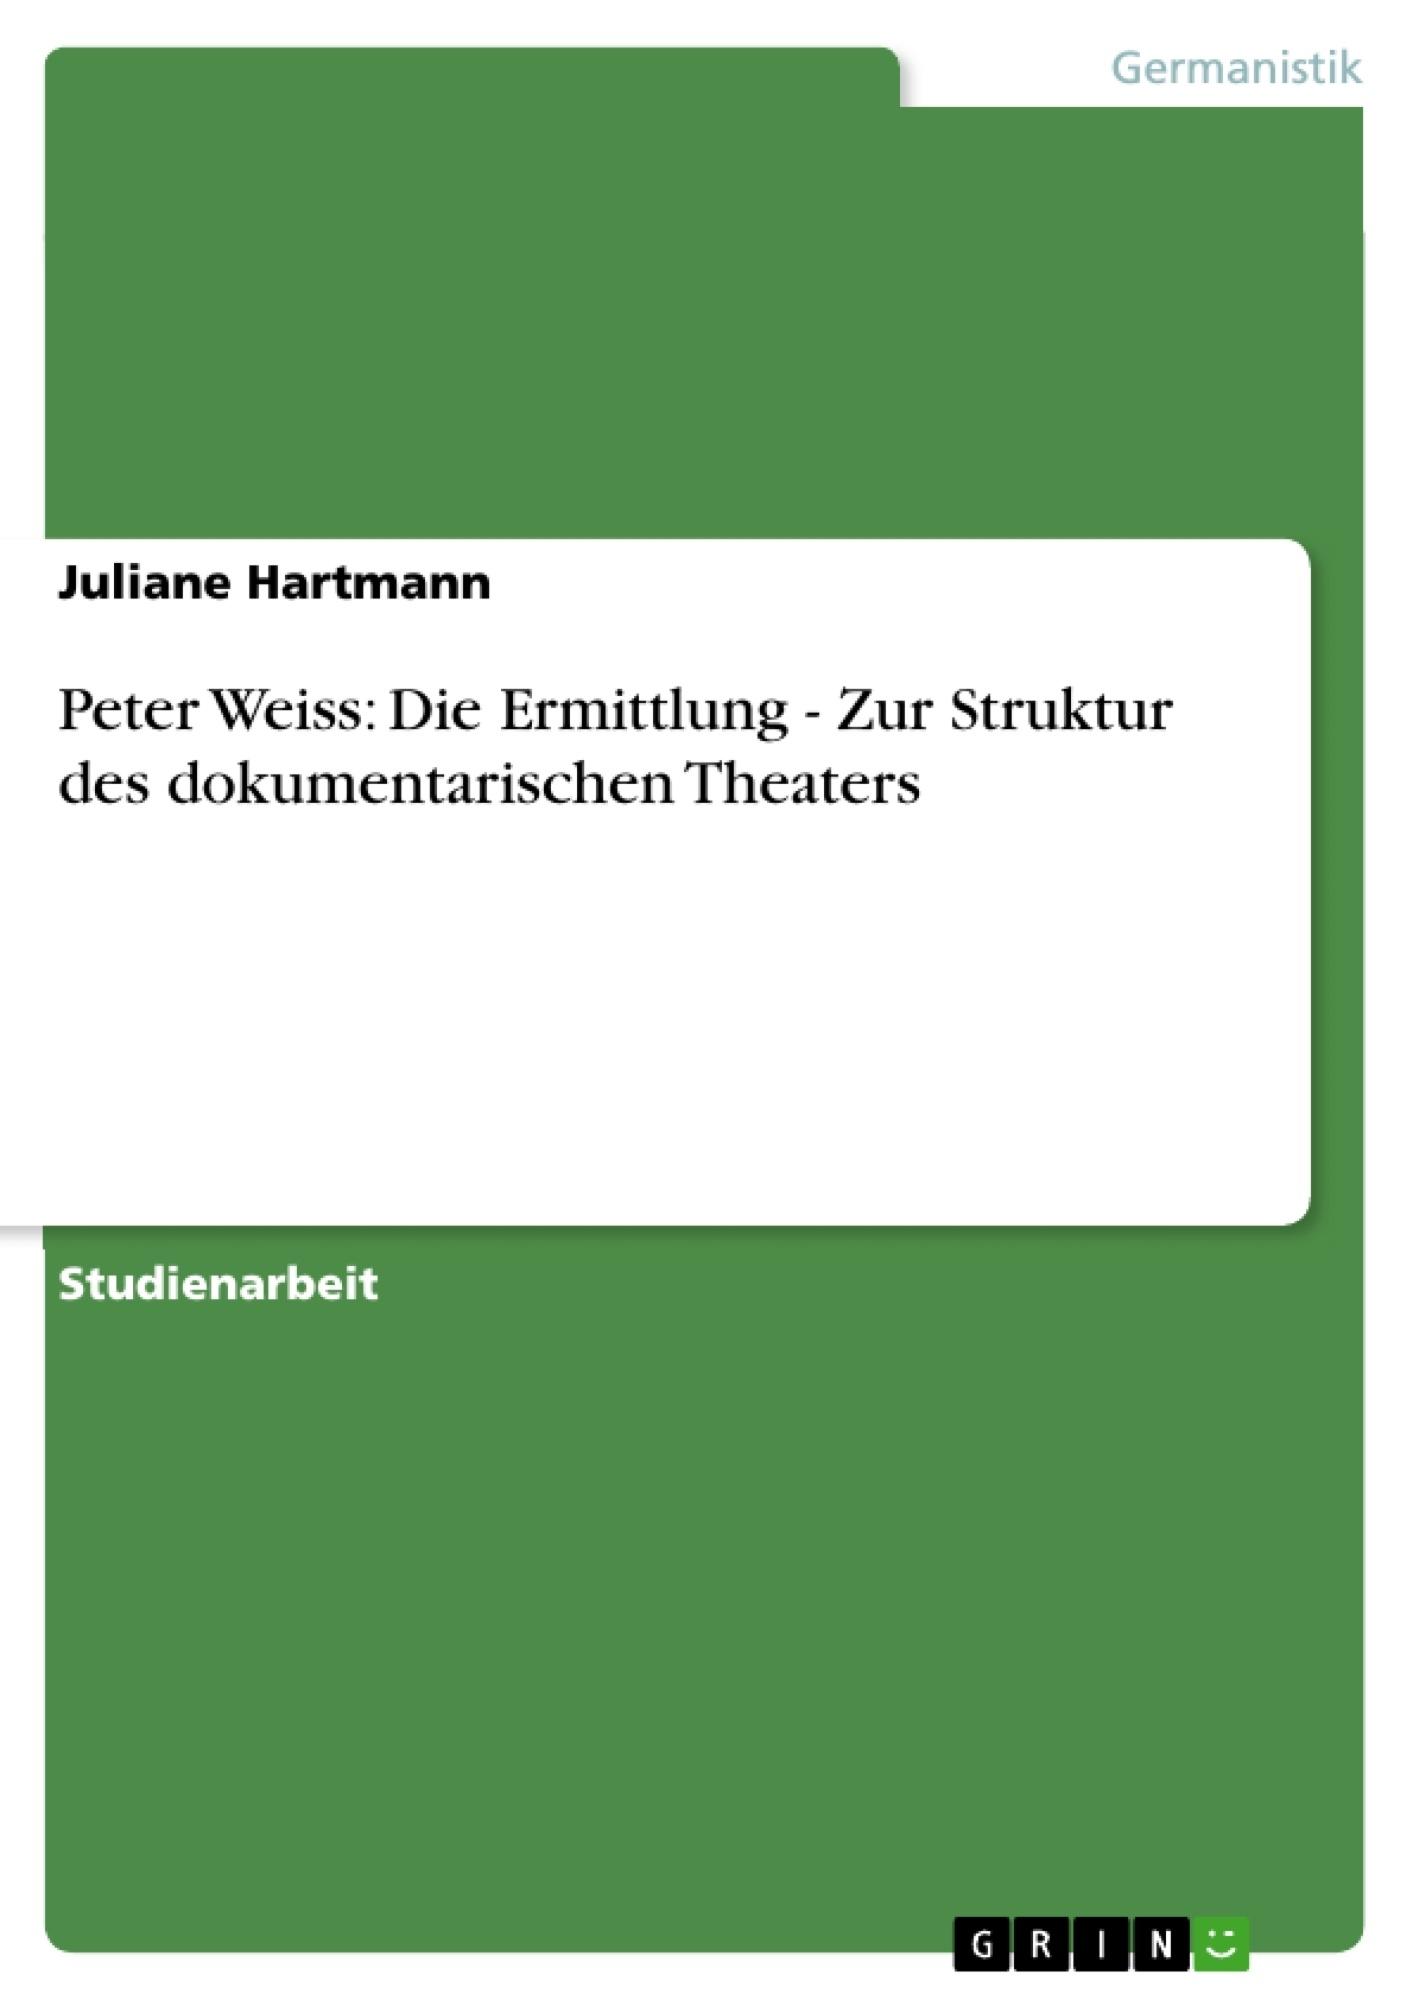 Titel: Peter Weiss: Die Ermittlung - Zur Struktur des dokumentarischen Theaters